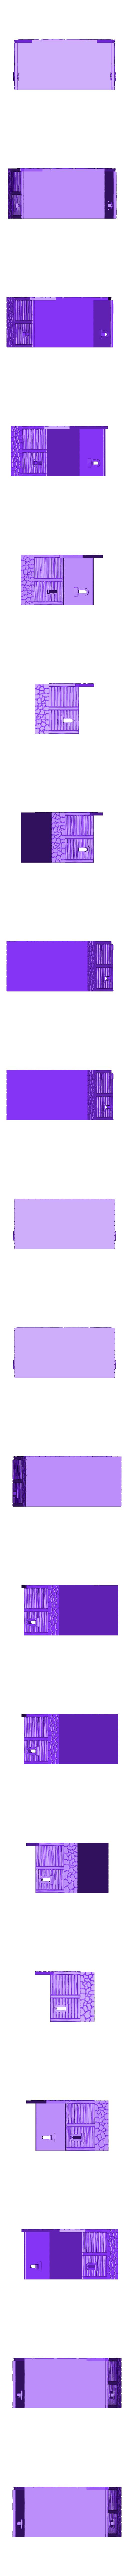 viking-house-back.stl Télécharger fichier STL gratuit Maison viking fantaisiste • Plan imprimable en 3D, Terrain4Print